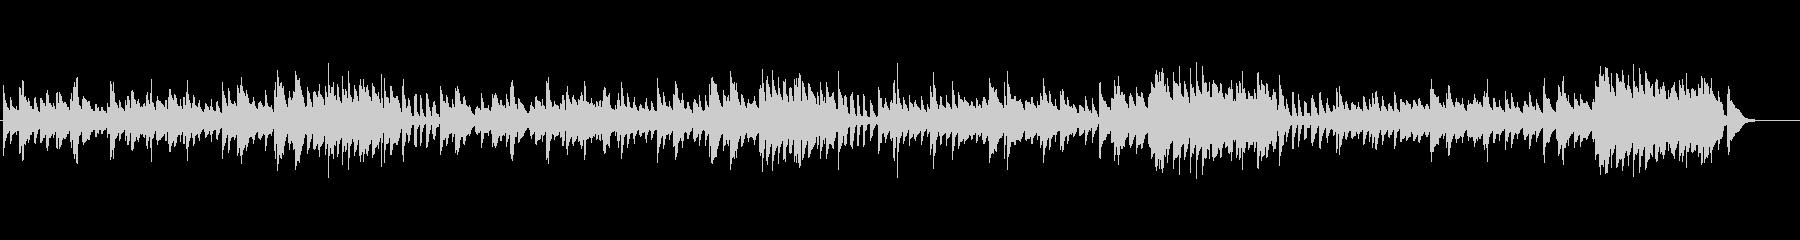 クラシックピアノ、チェルニーNo.62の未再生の波形